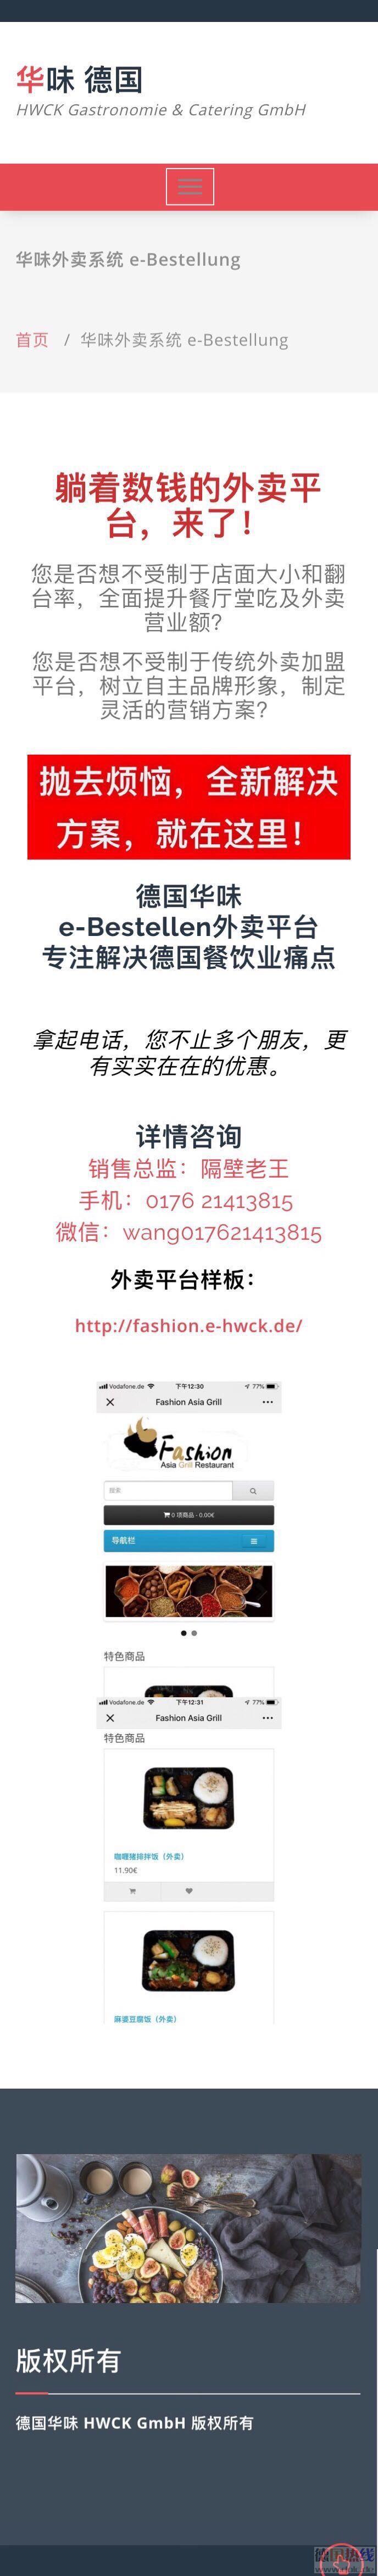 WeChat Image_20190730212727.jpg